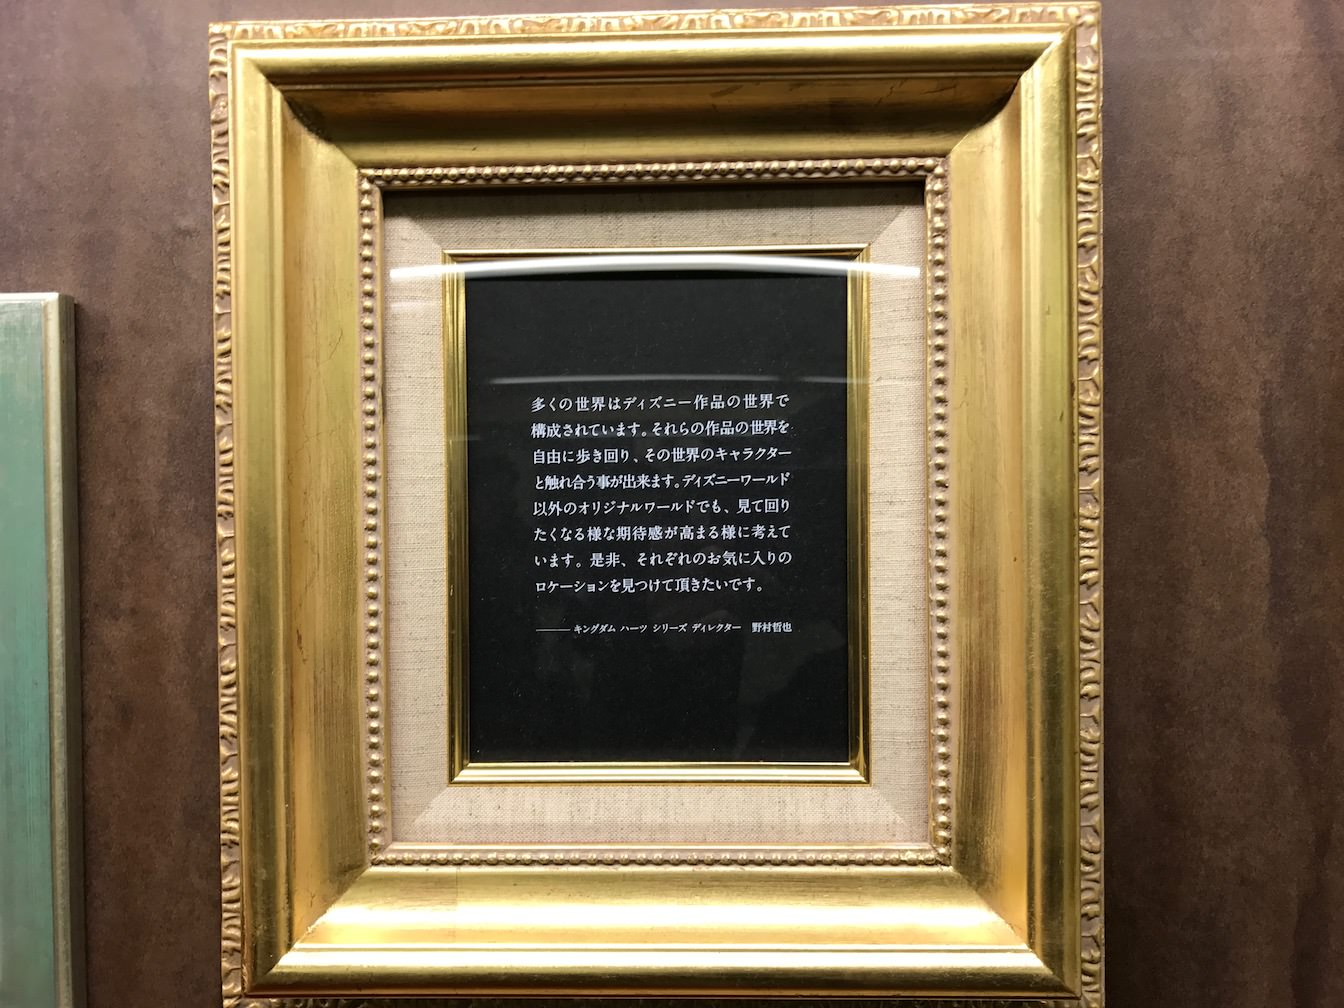 Kingdomhearts 15th anniversary exhibition at shinjuku 15